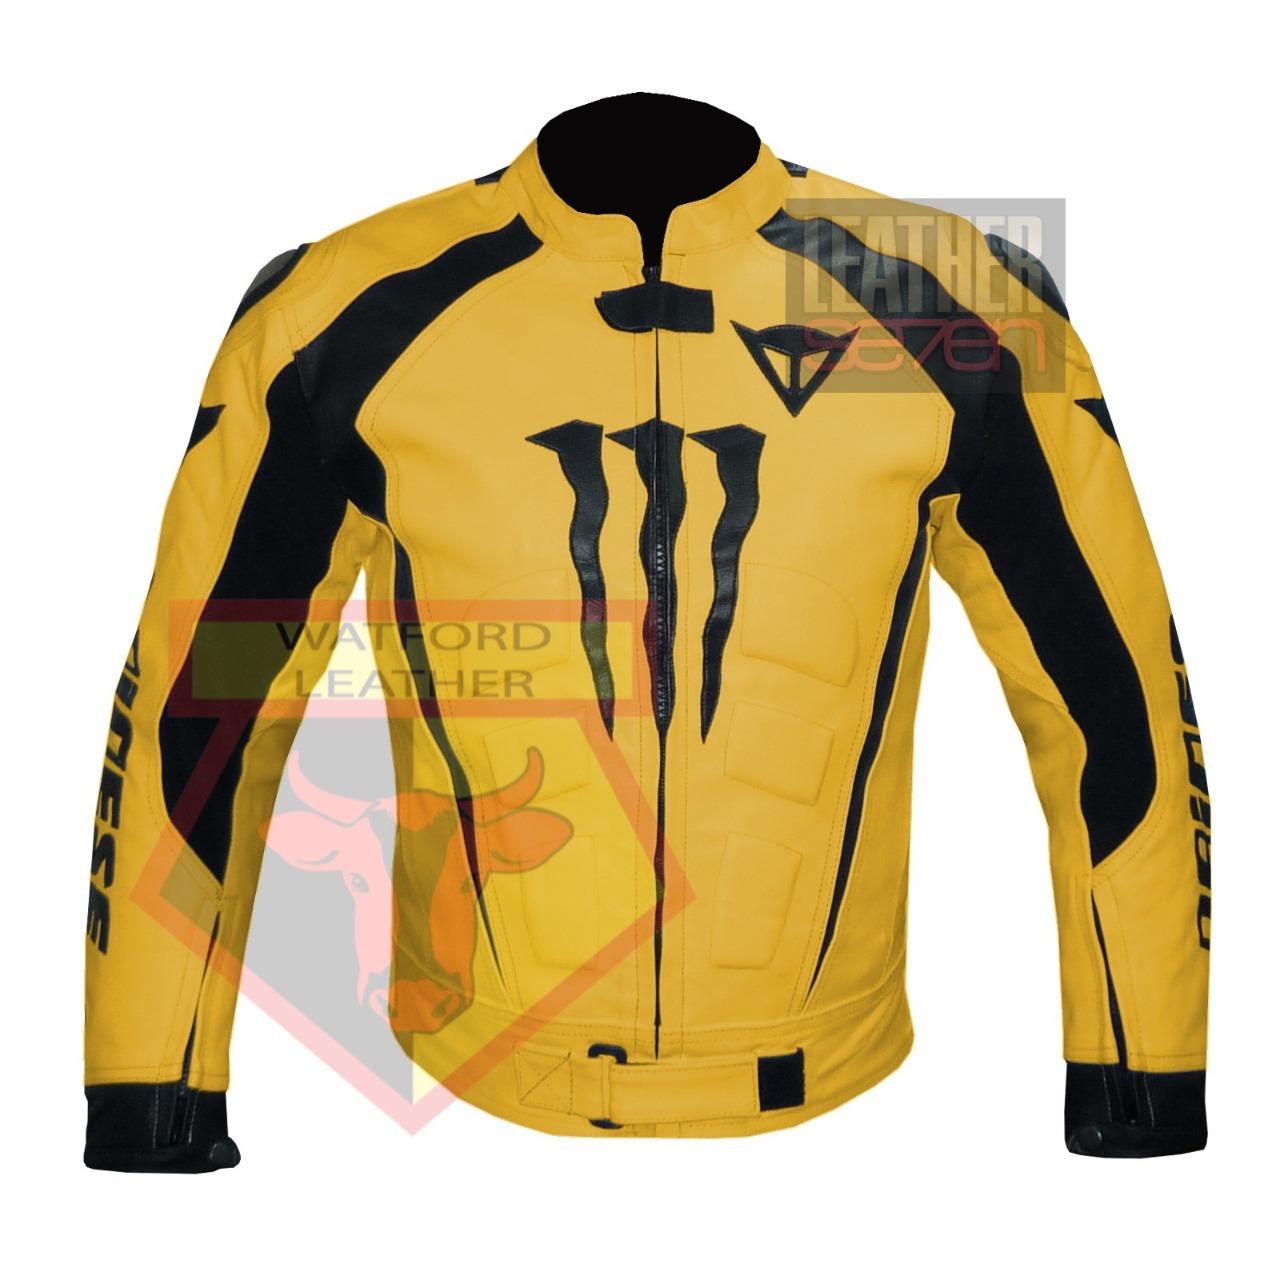 DAINESE 1010 YELLOW WATERPROOF COWHIDE LEATHER MOTORCYCLE MOTORBIKE ARMOR JACKET - $289.99